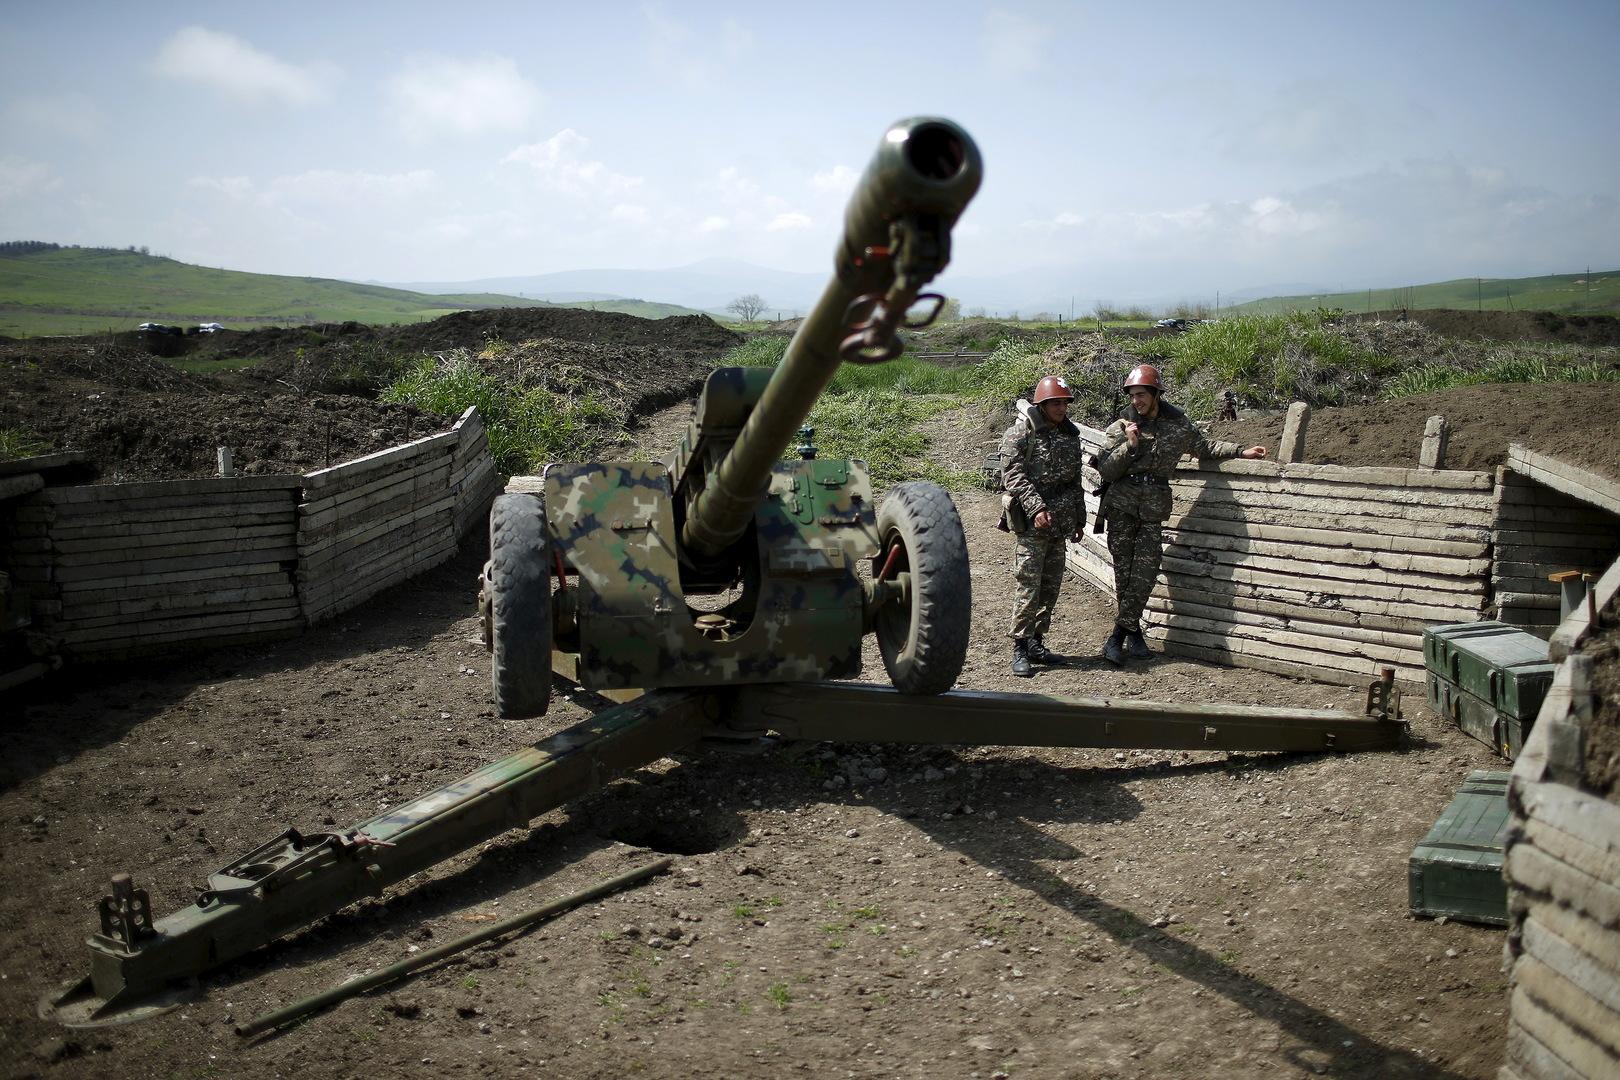 وسط التصعيد في قره باغ.. أرمينيا توجه نداء إلى زعيمين عربيين